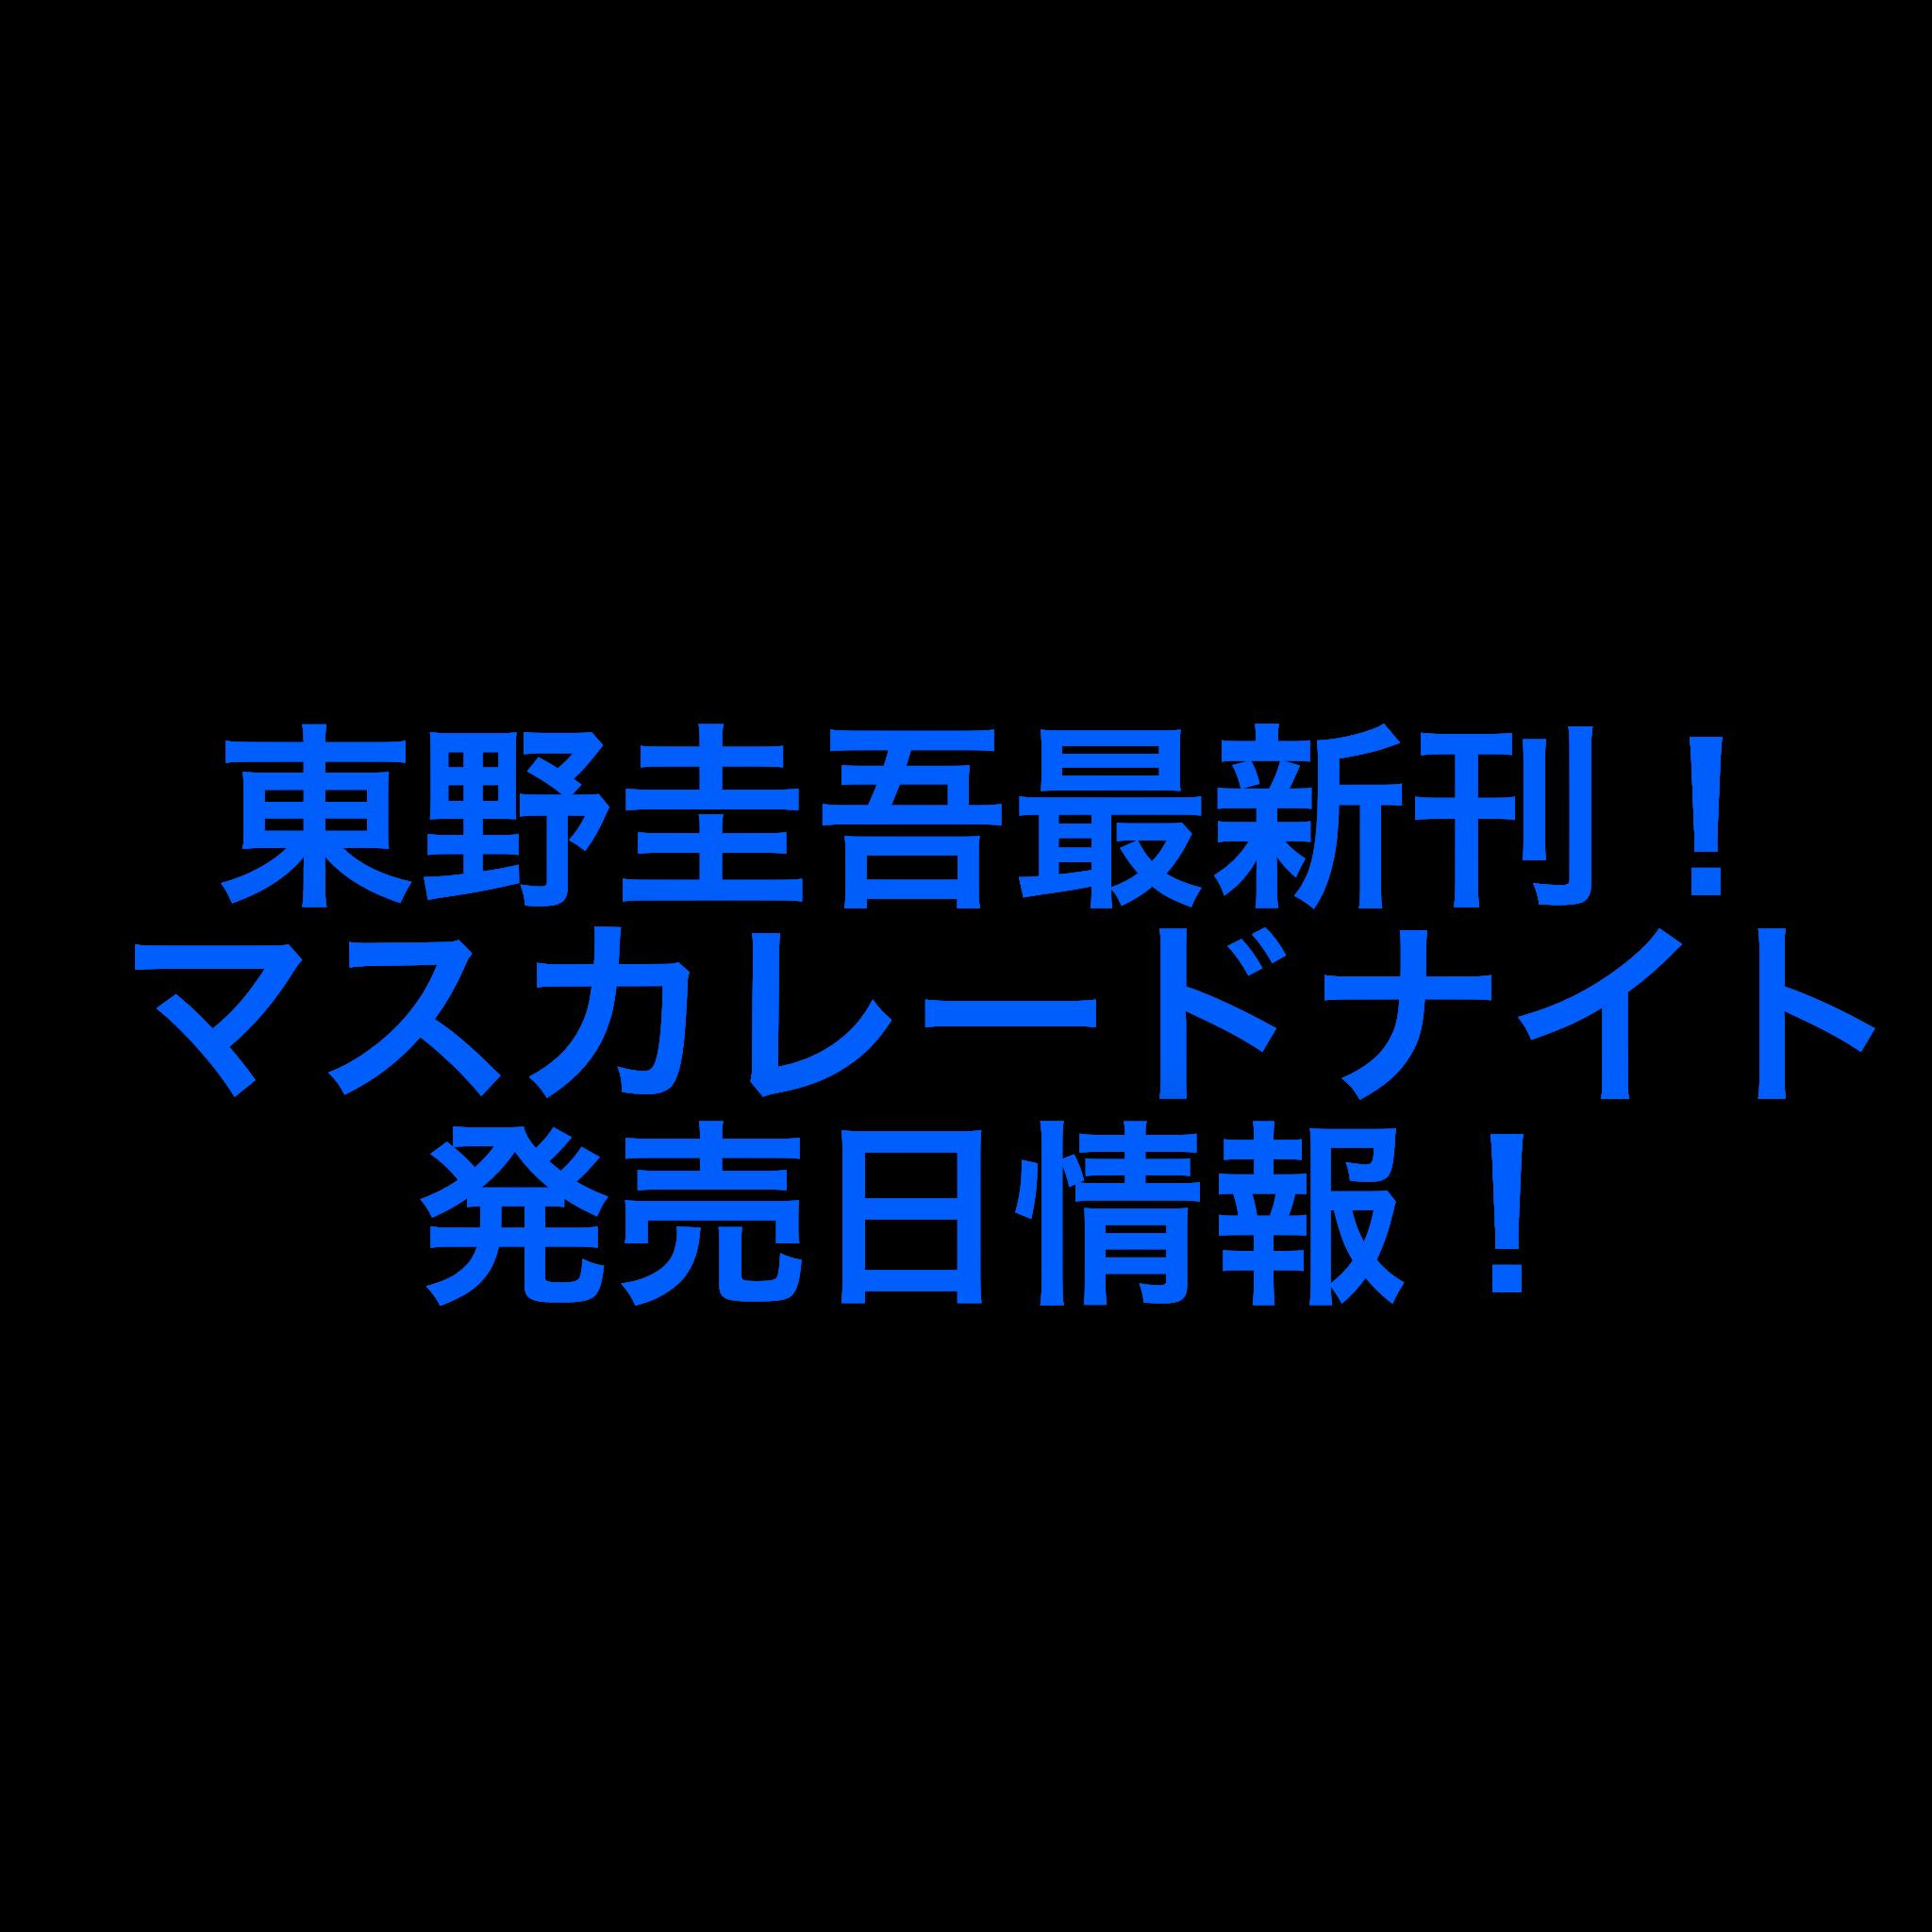 『マスカレードナイト』 発売日 東野圭吾